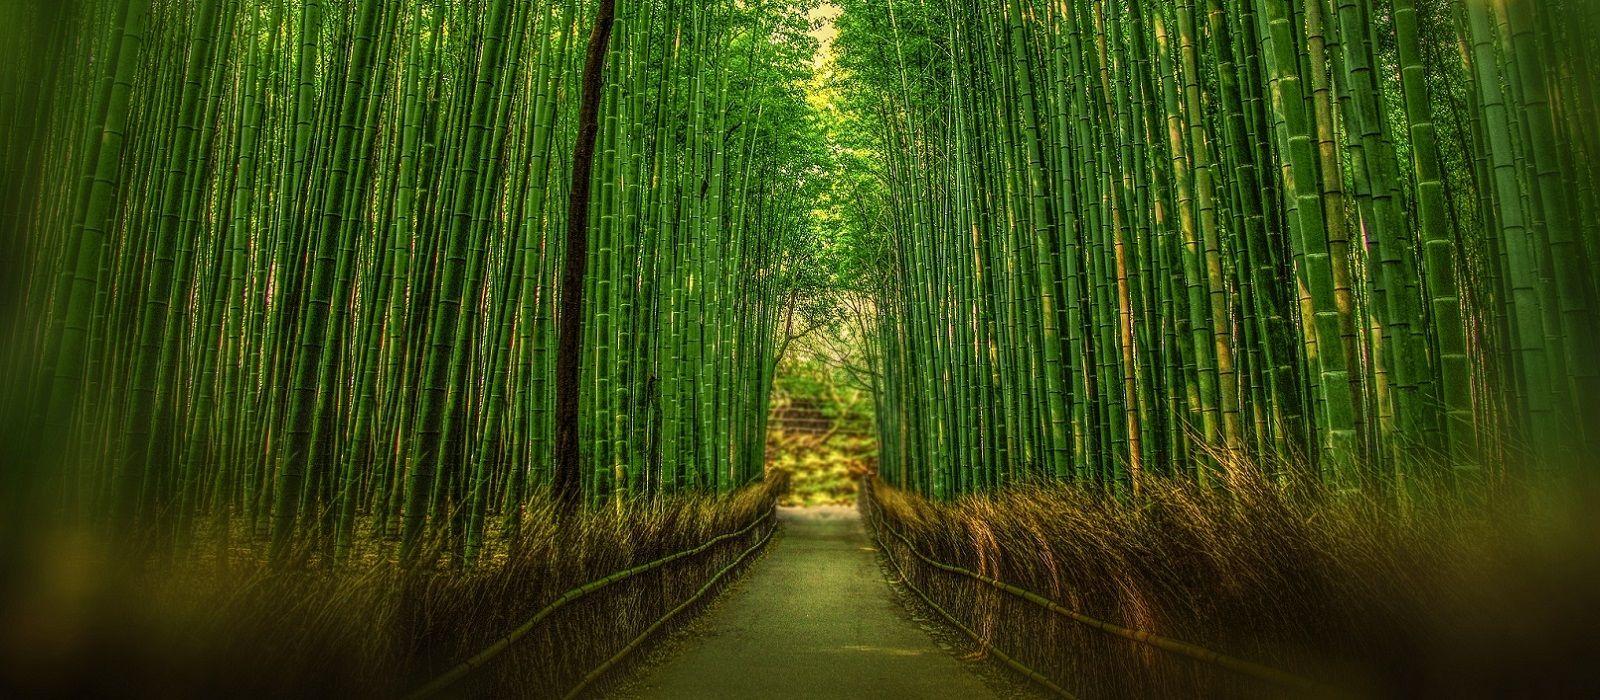 Just Japan: An Introduction Tour Trip 3